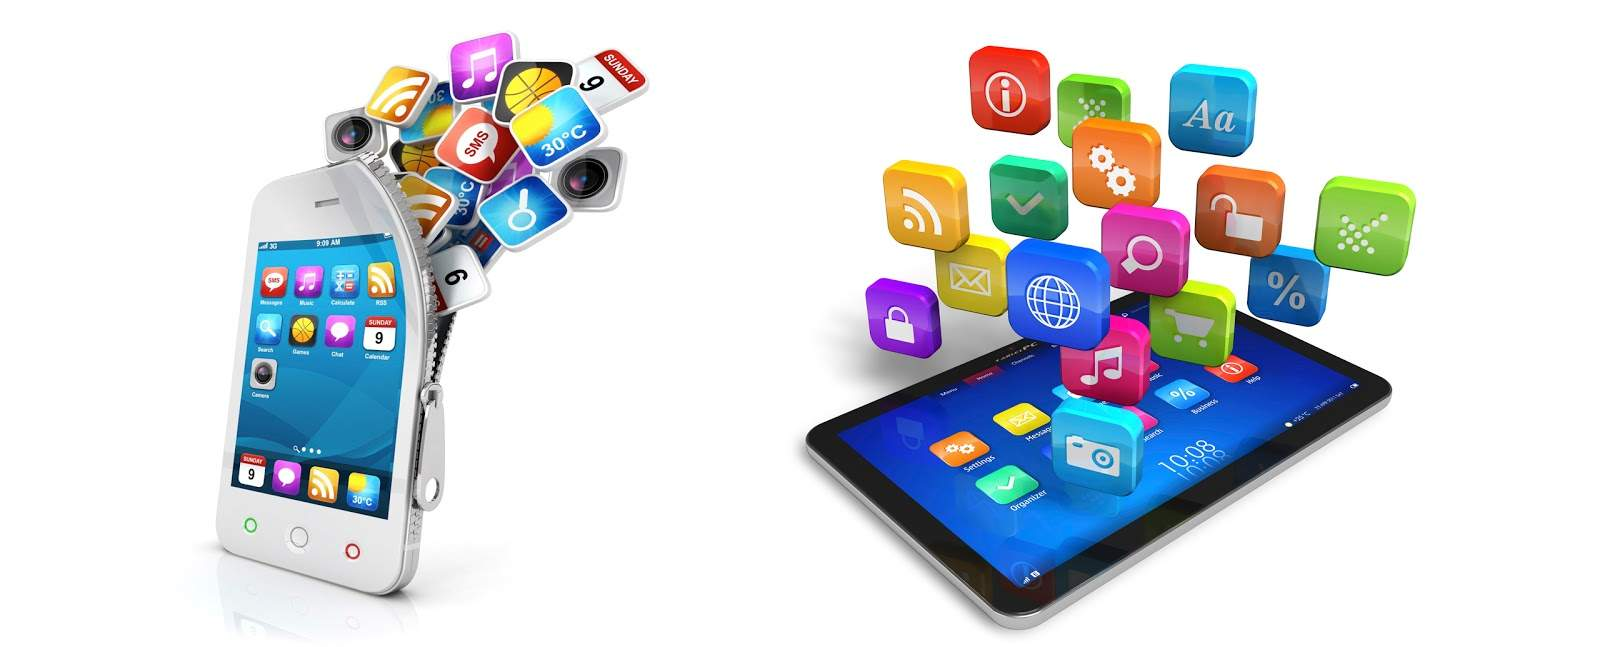 Обзор популярных переводчиков для мобильных устройств